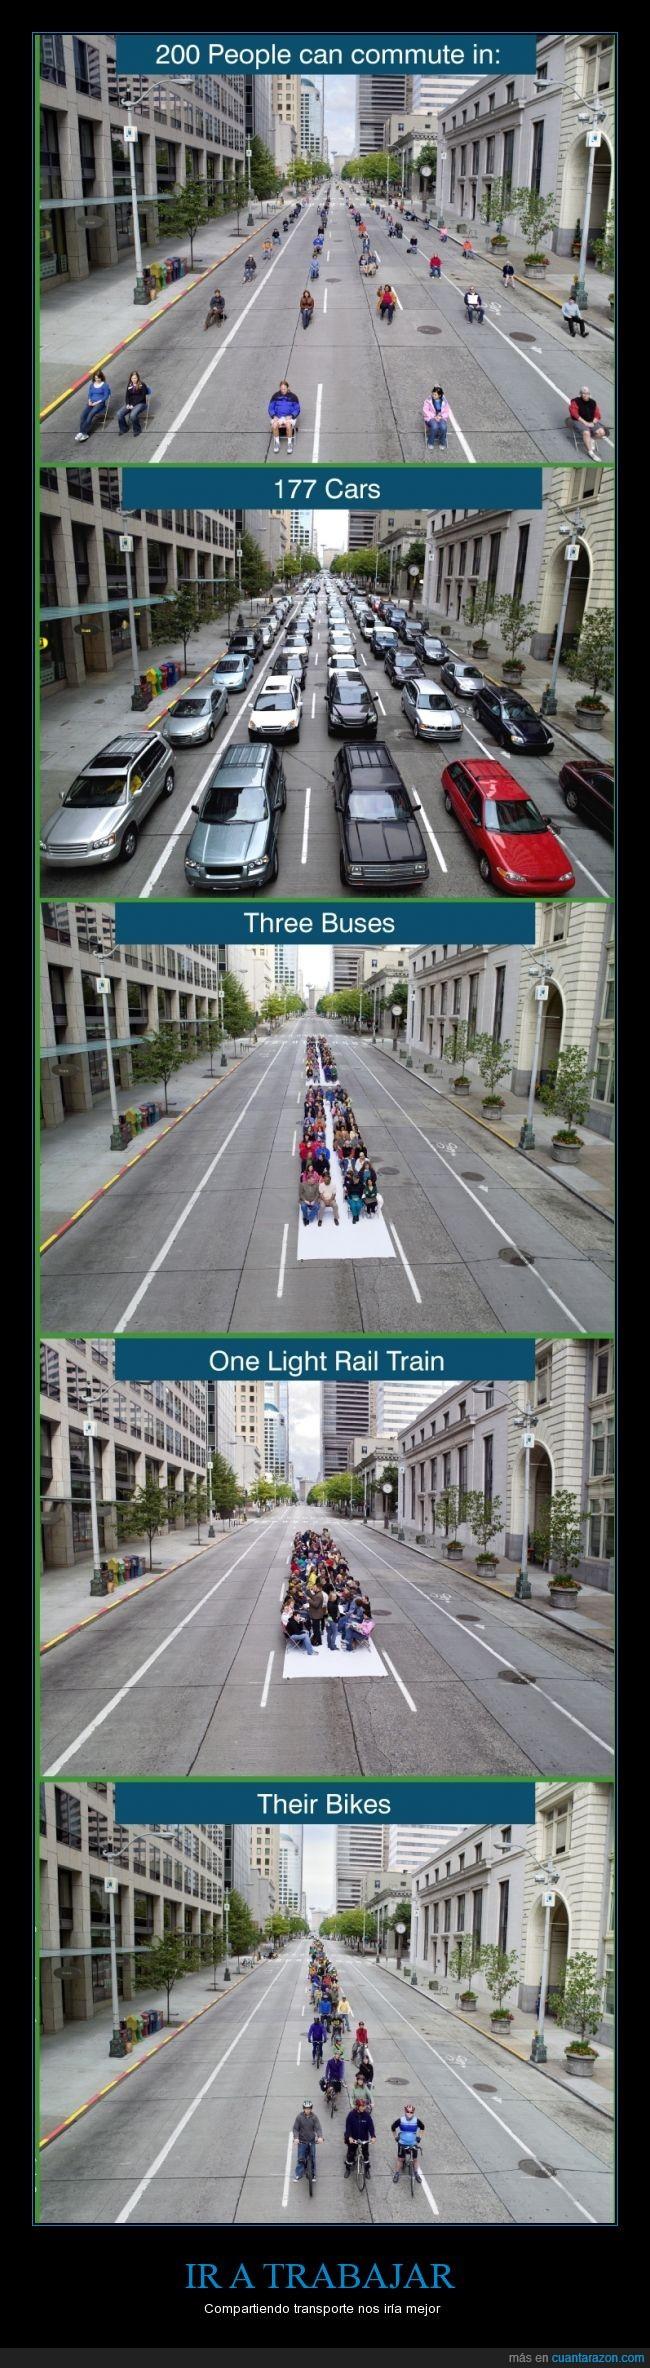 carretera,coches,compartir transporte,espacio,trabajar